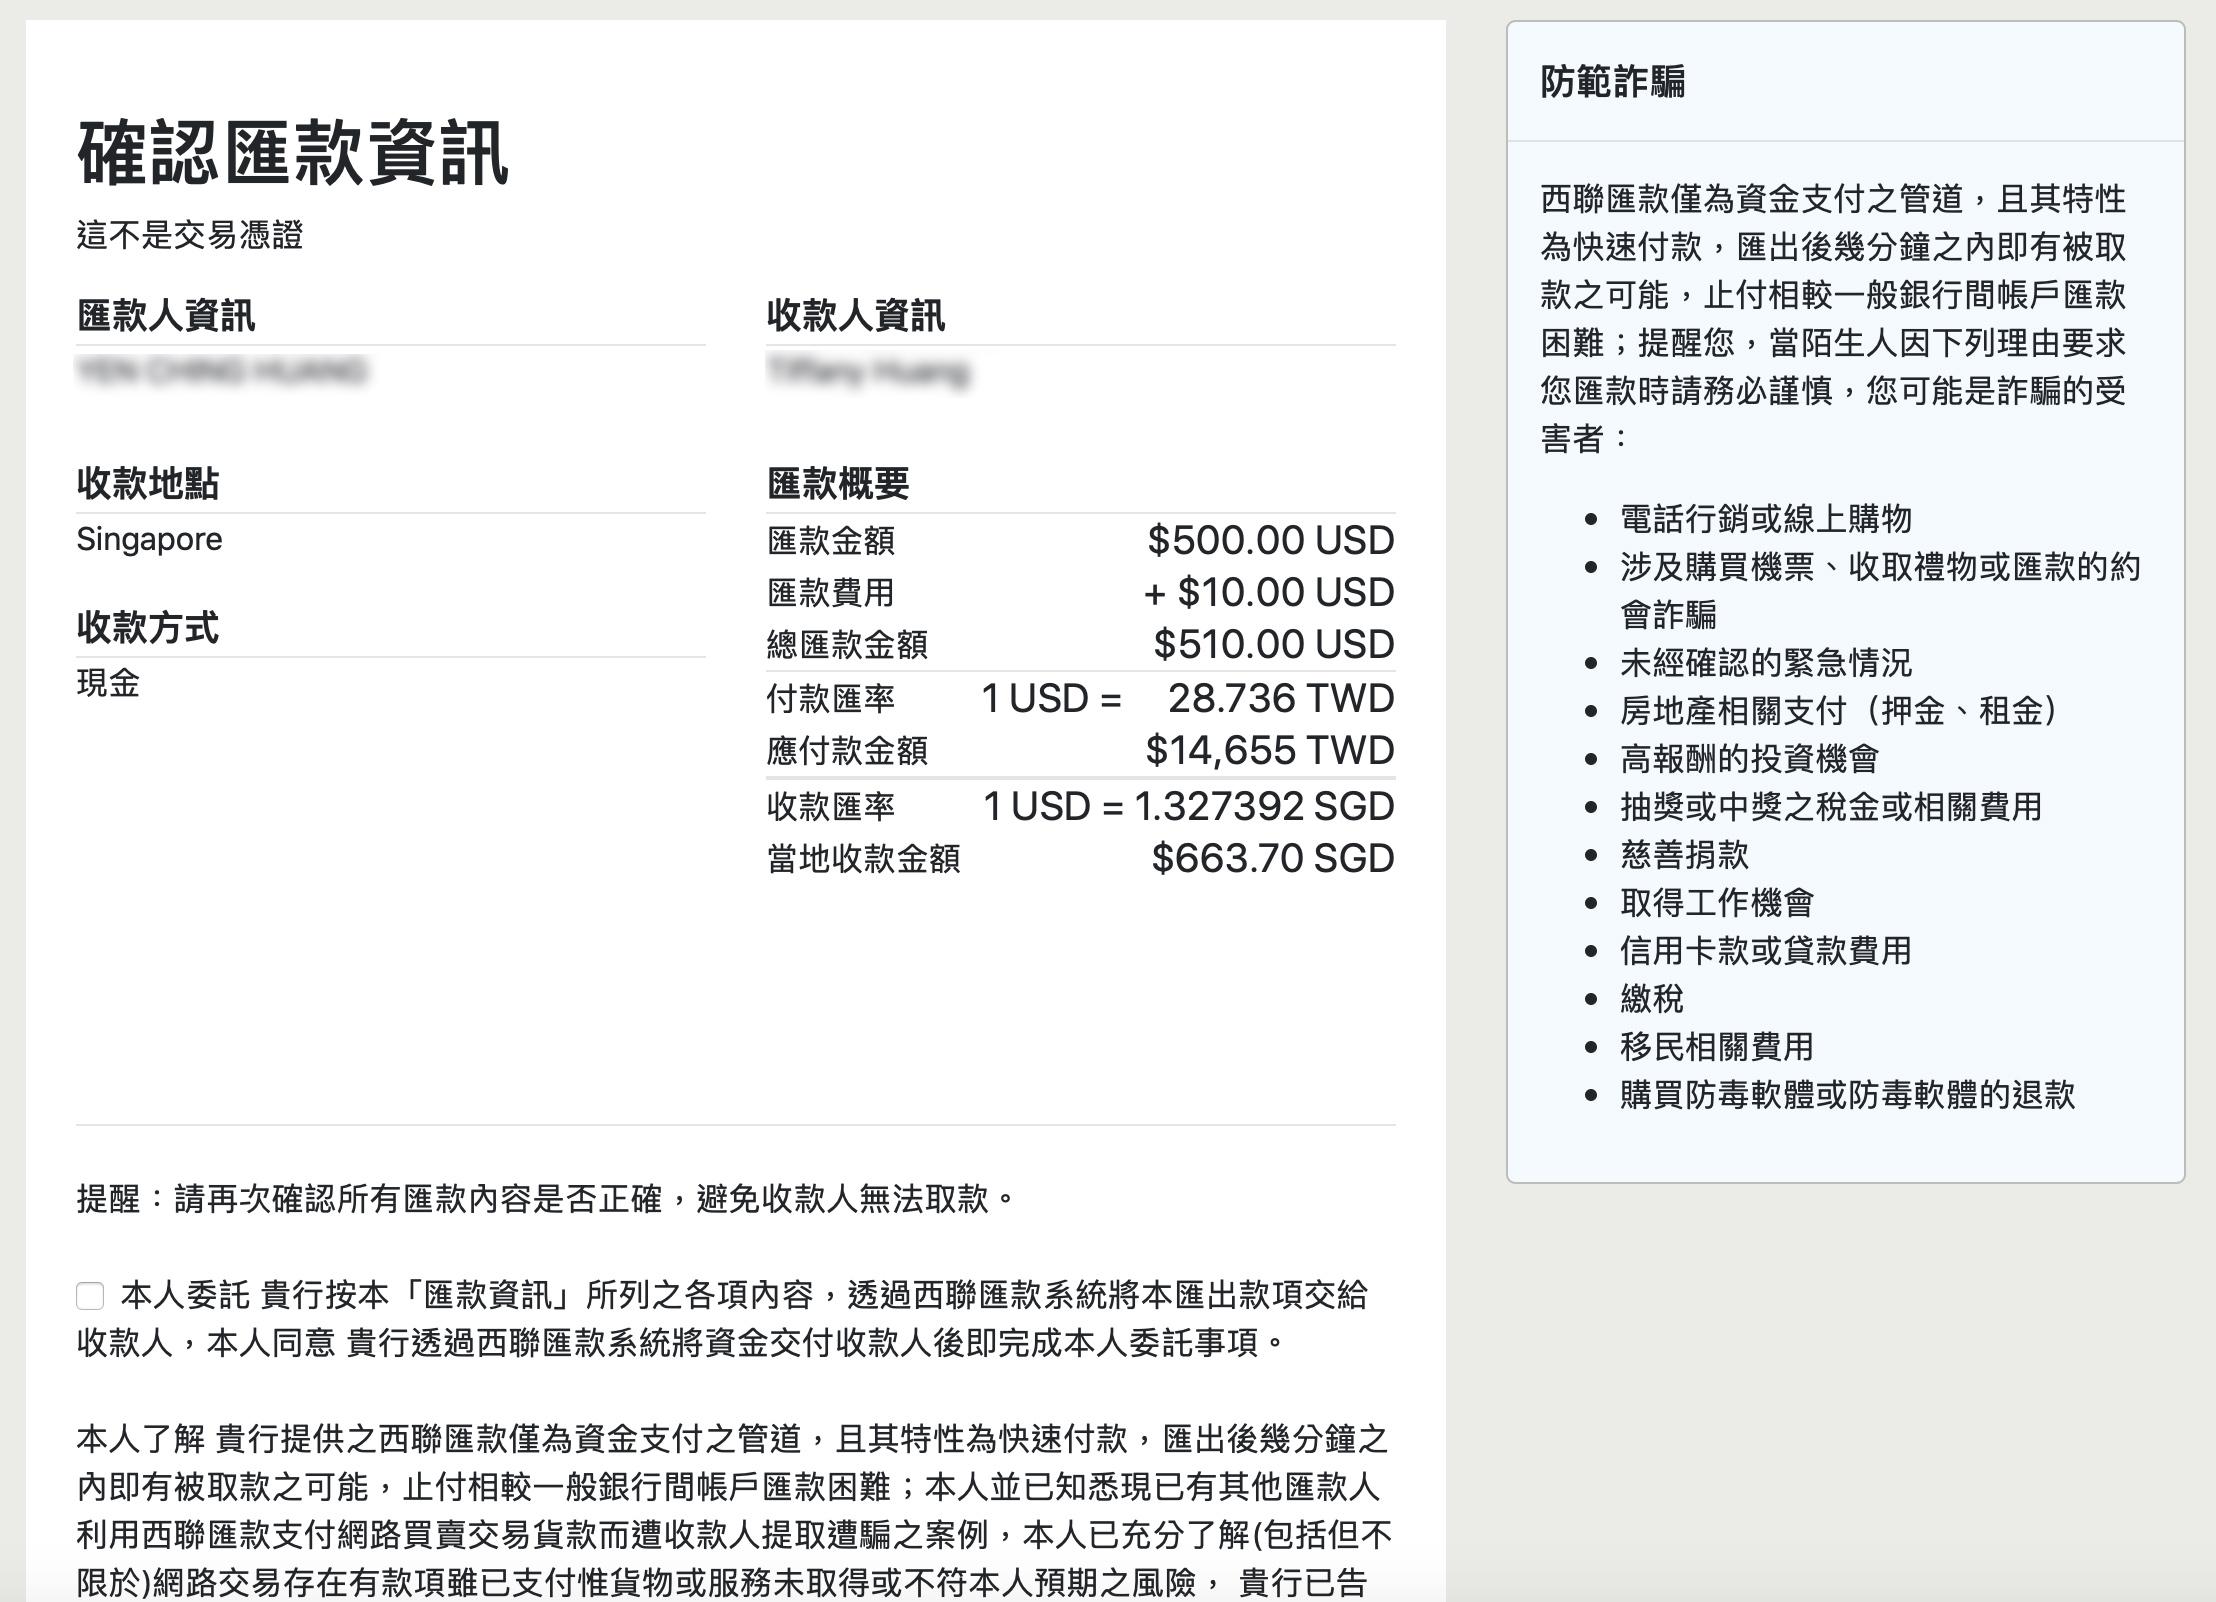 西聯匯款京速PAY 確認的匯款資訊